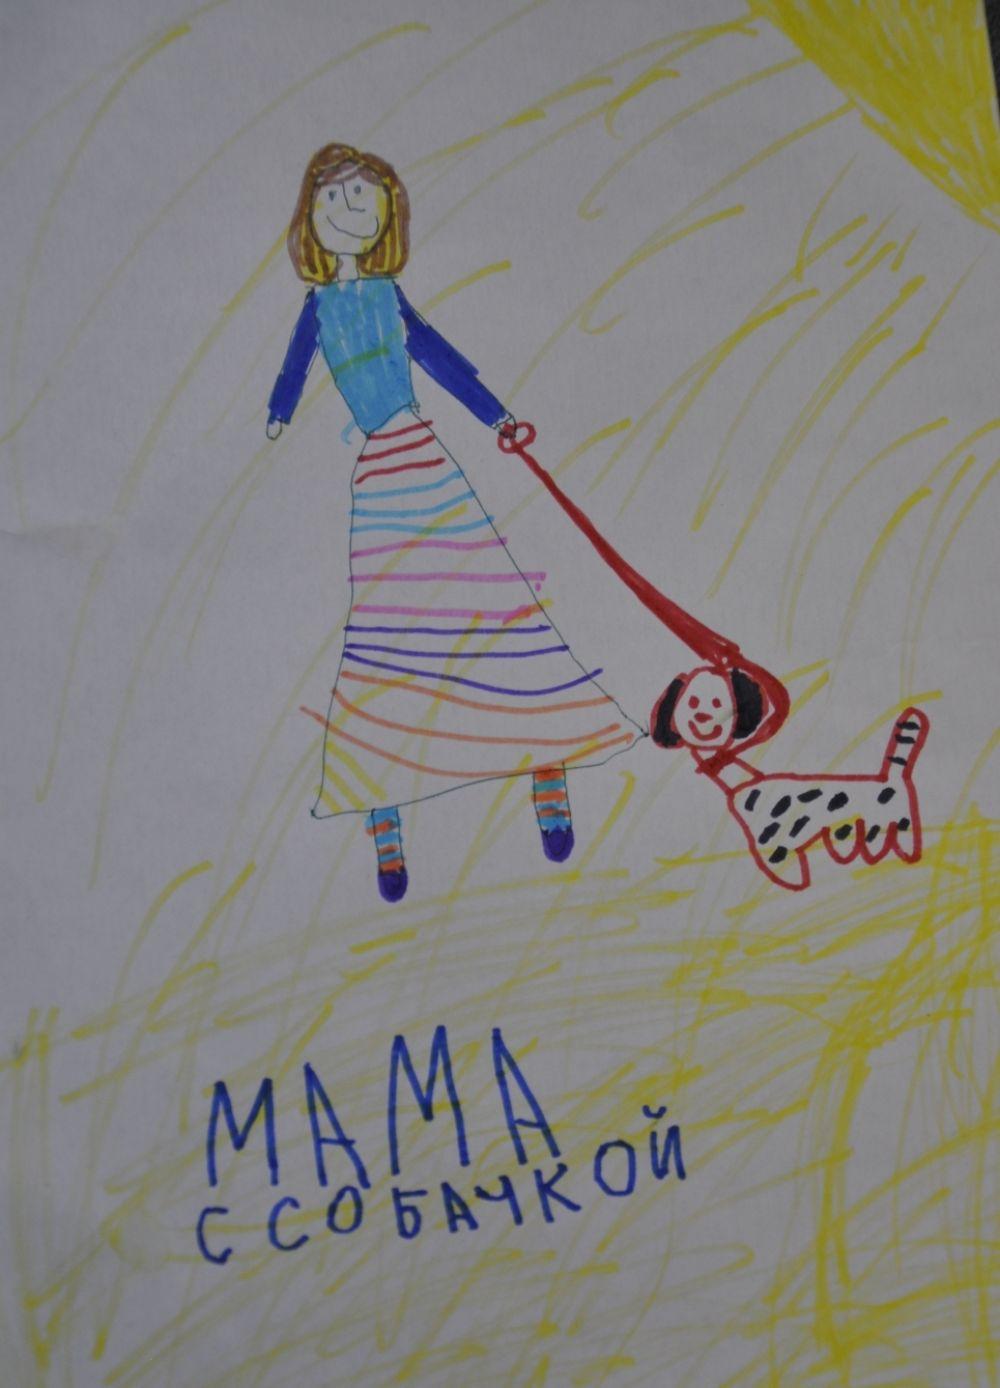 Участник №27. «Моя мамочка добрая, улыбчивая, работливая! Больше всего люблю субботы, потому что утром в субботу она дома и печёт блины. А вечером рассказывает сказки, которые сама придумывает».